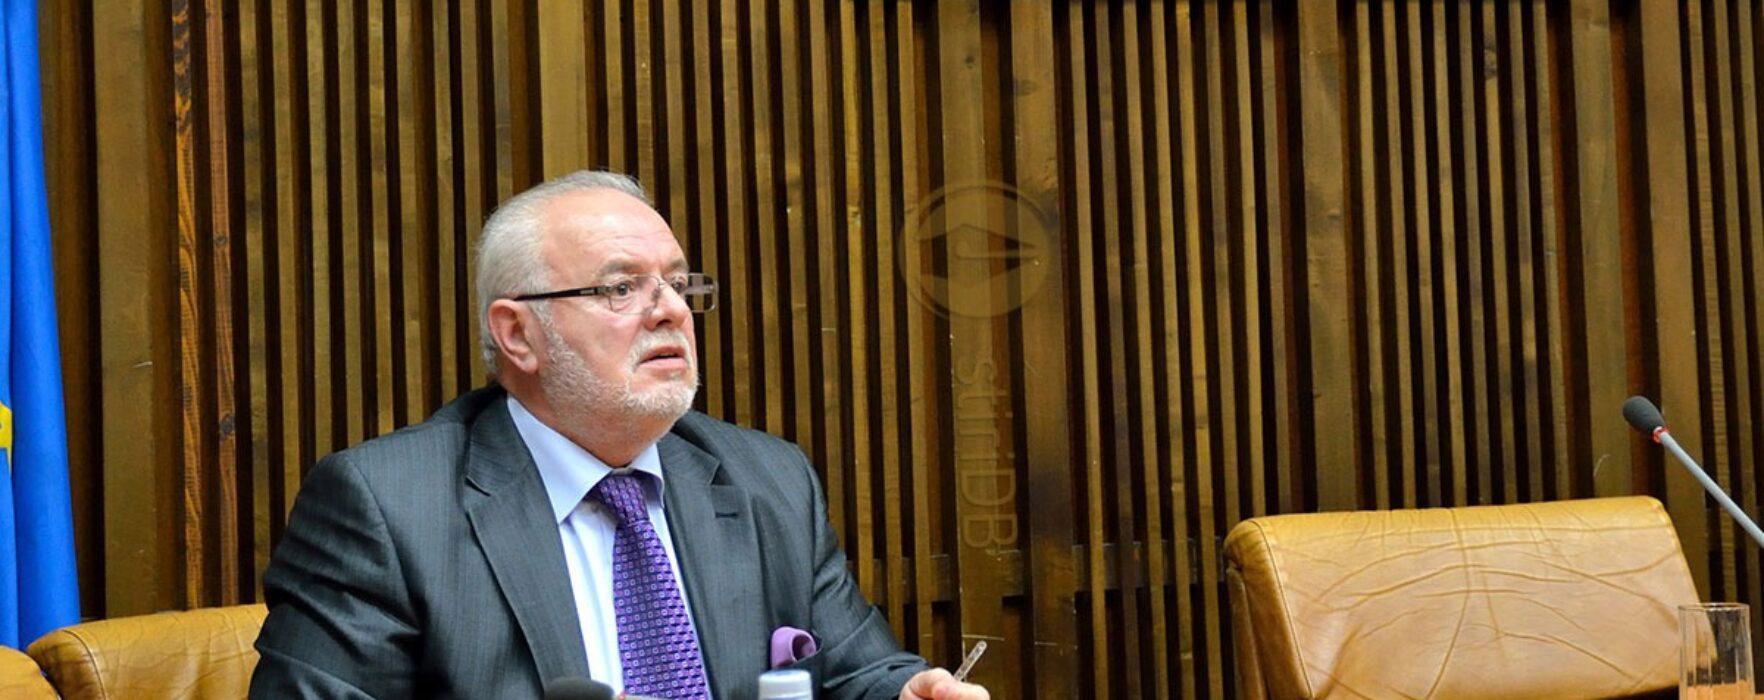 Marin Antonescu, declarat incompatibil de ANI pentru perioada 2008-2012